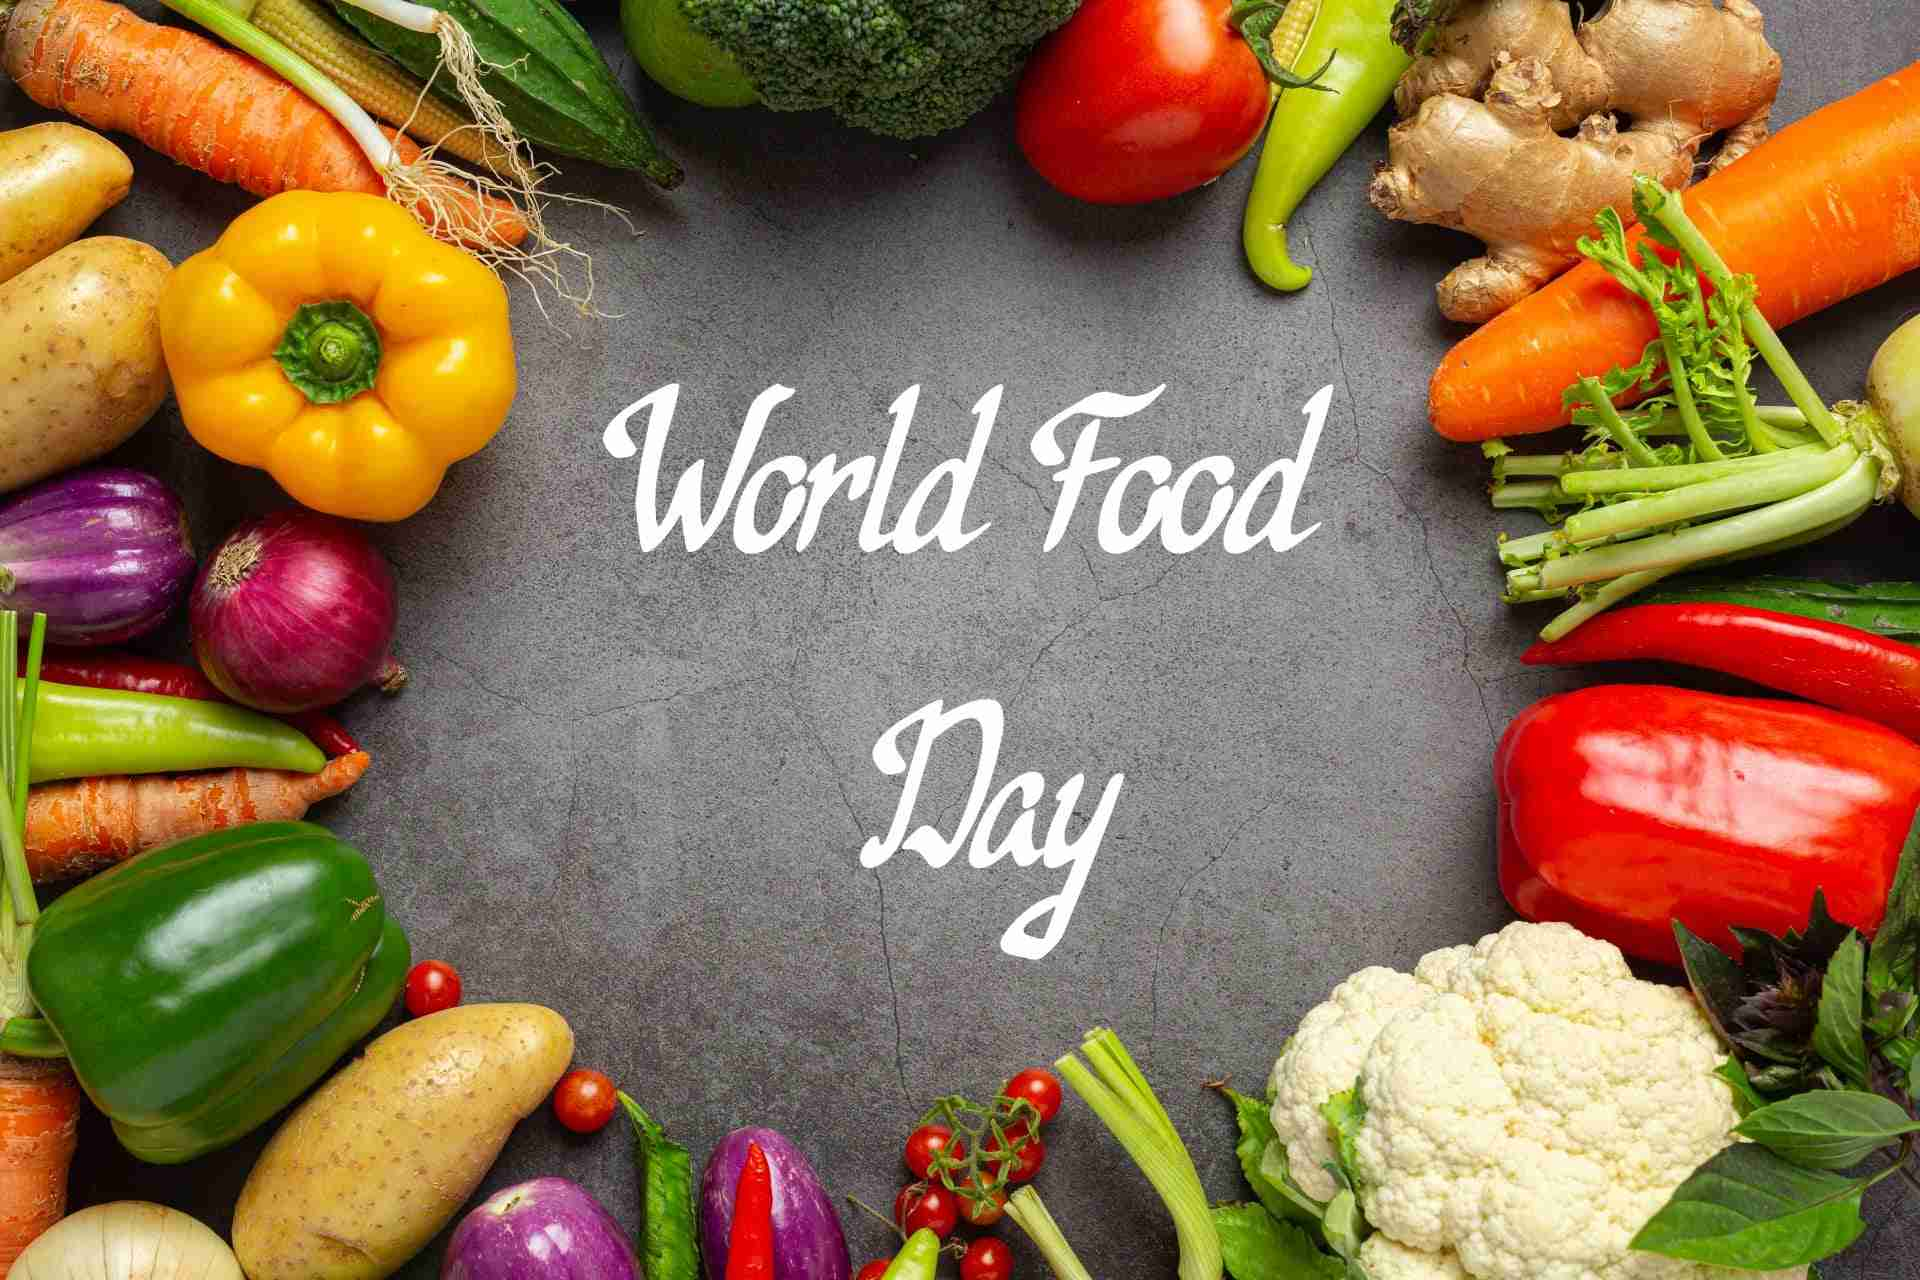 giornata-mondiale-alimentazione-world-food-day